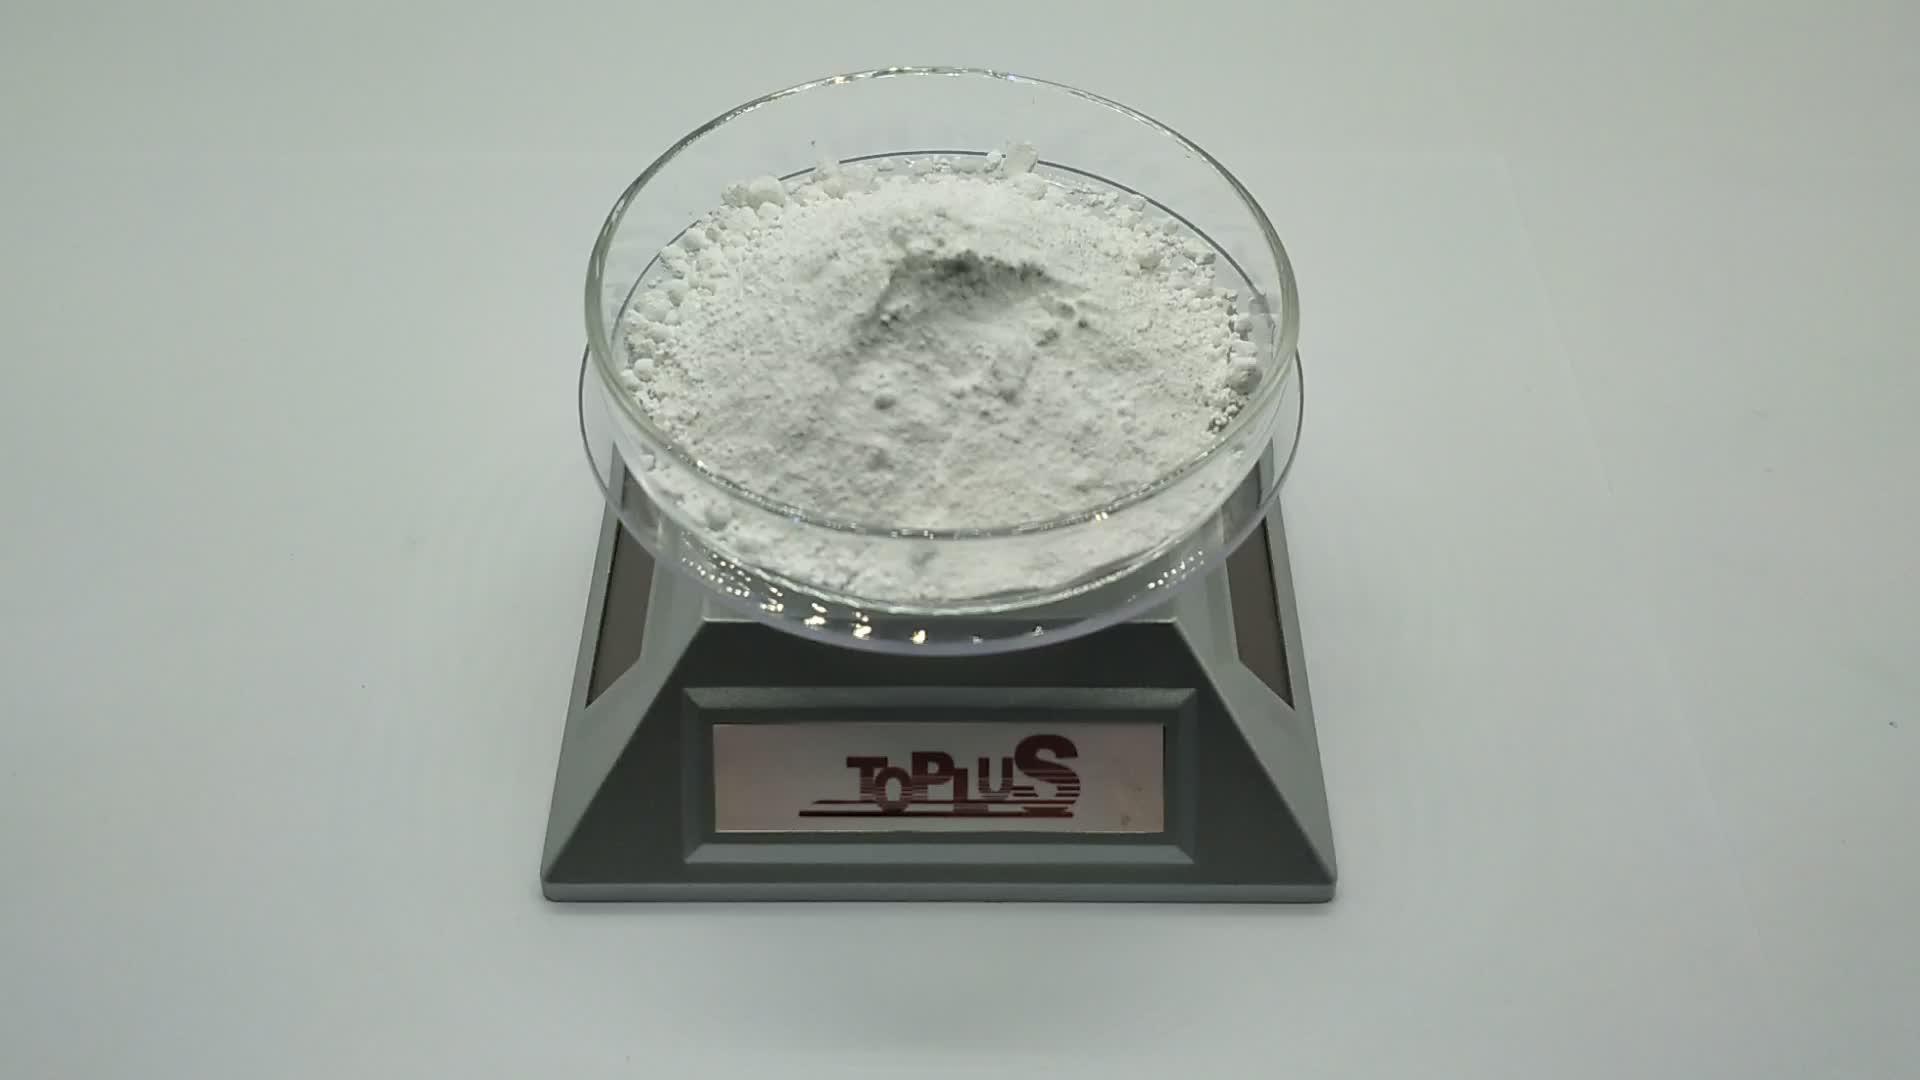 製造元から直接品質 tio2 二酸化チタン販売